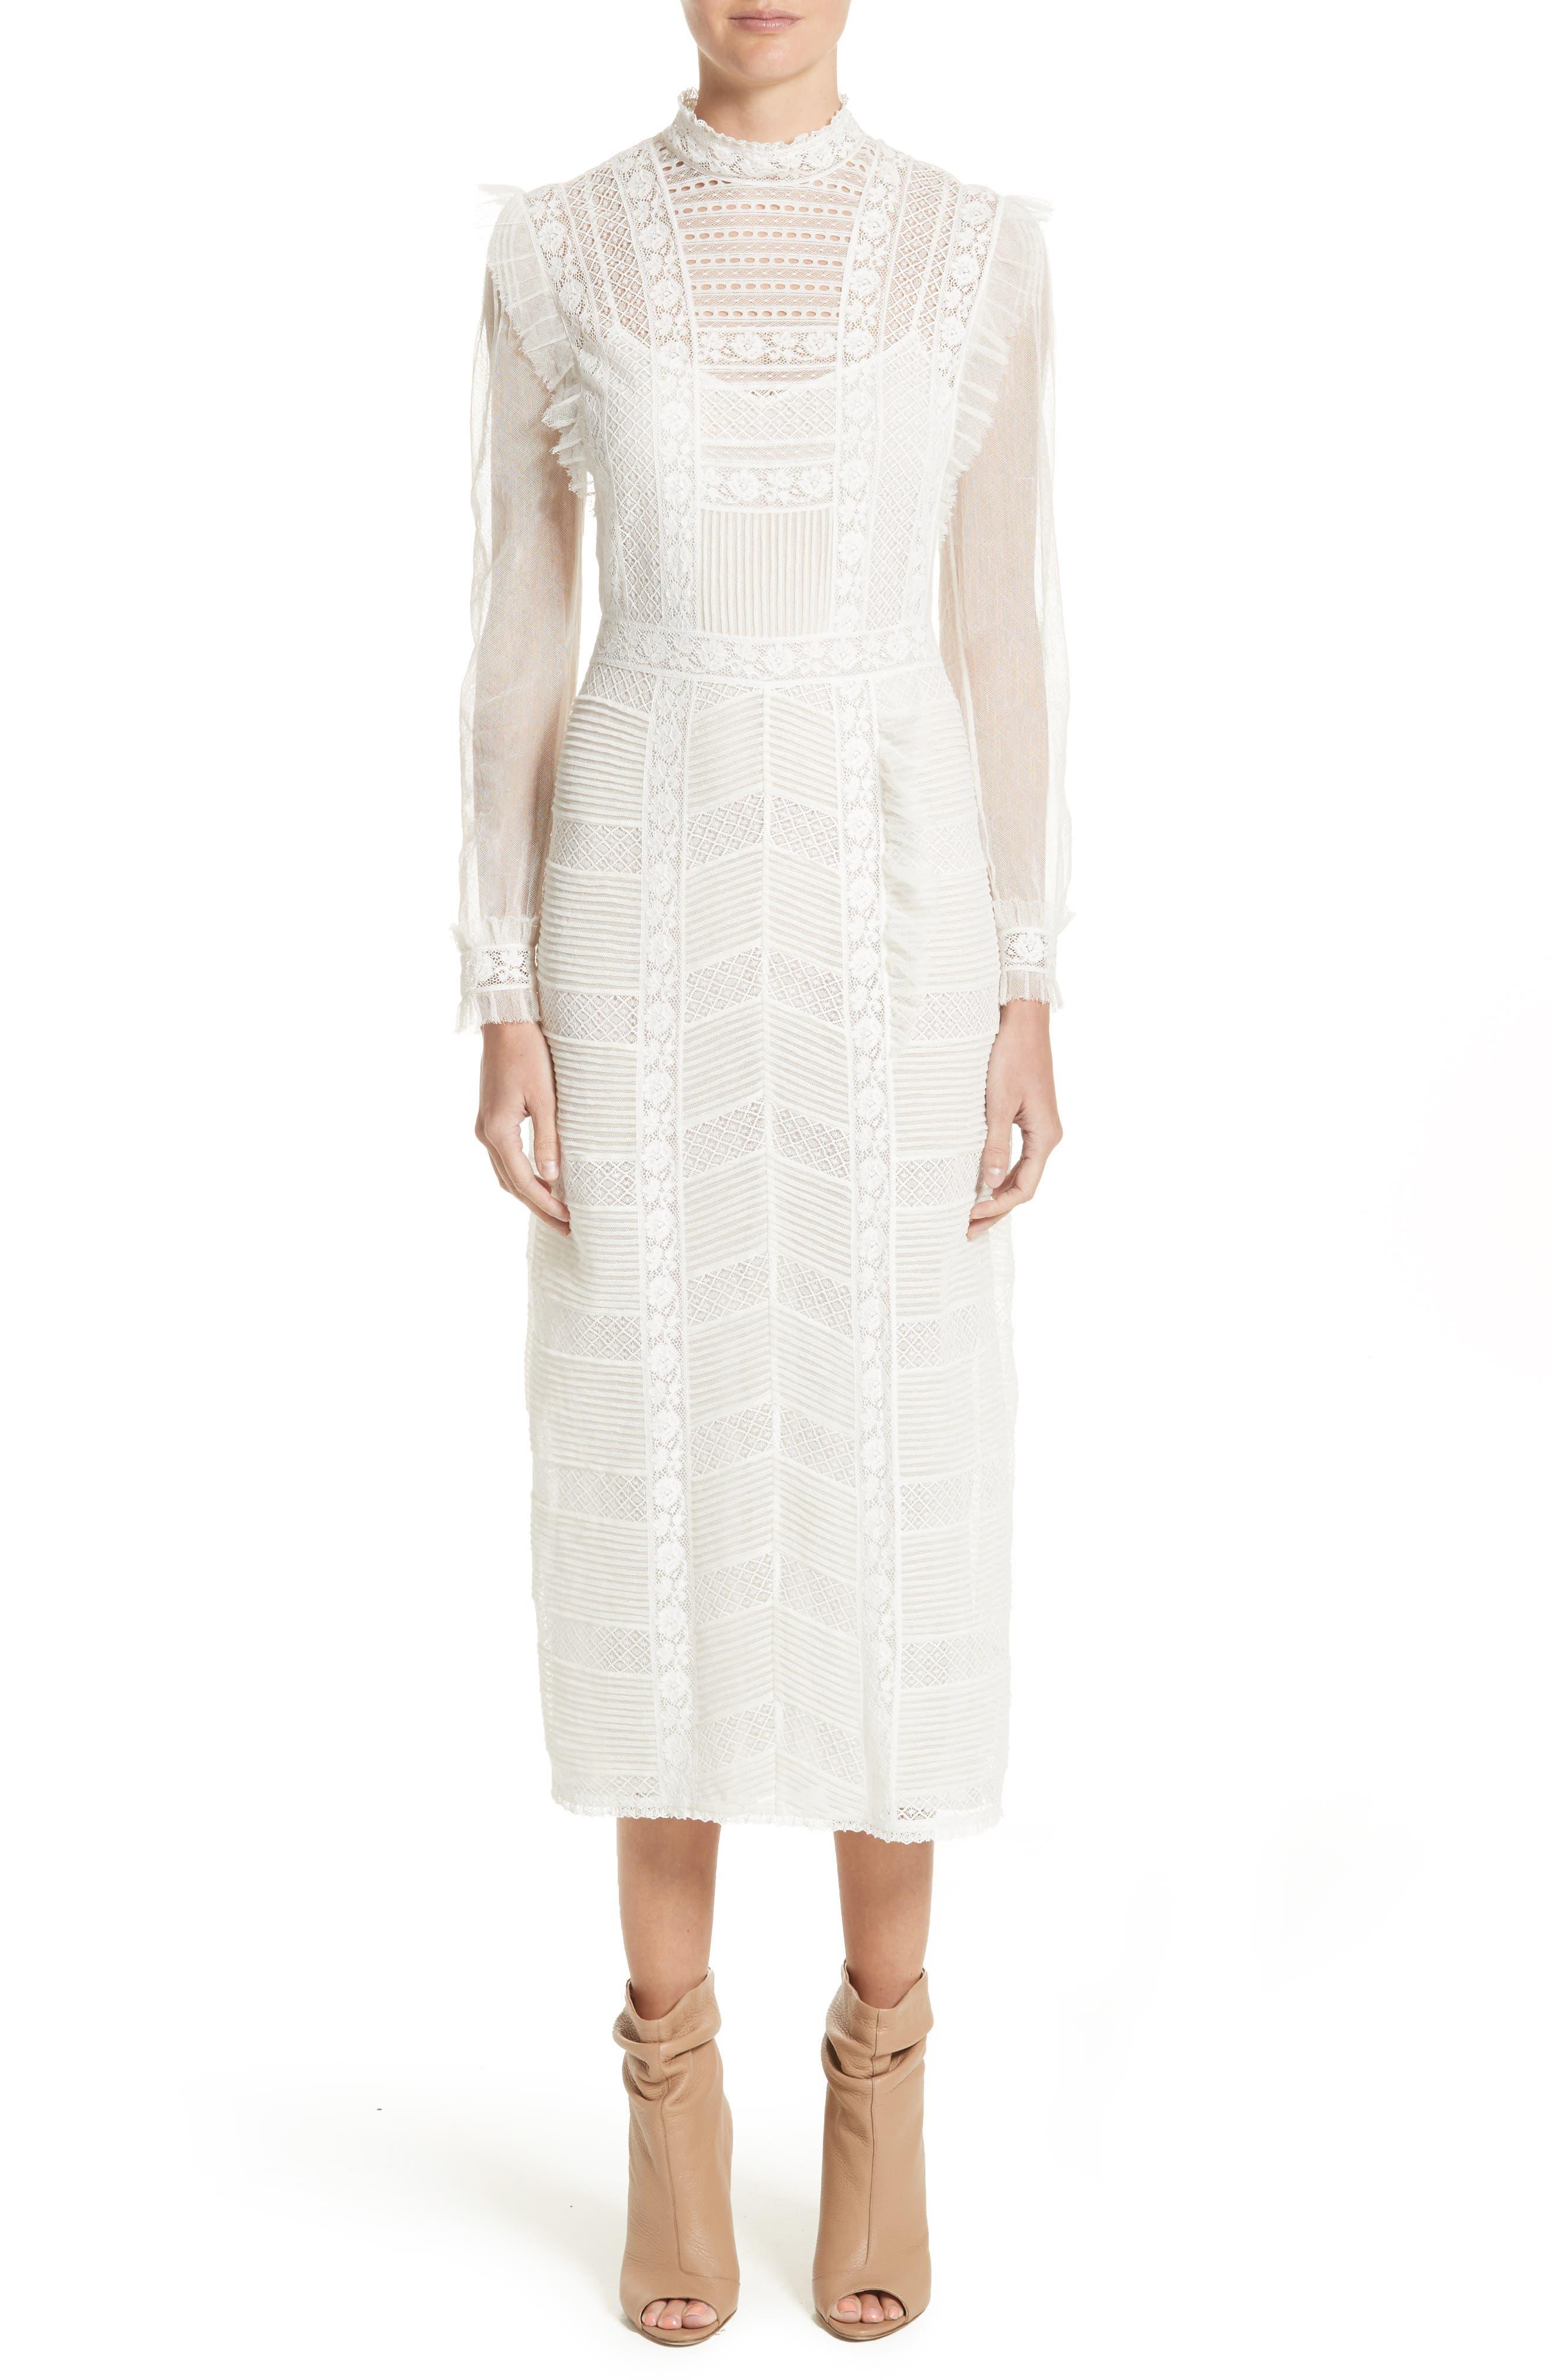 Chanella Lace Midi Dress,                         Main,                         color, 100